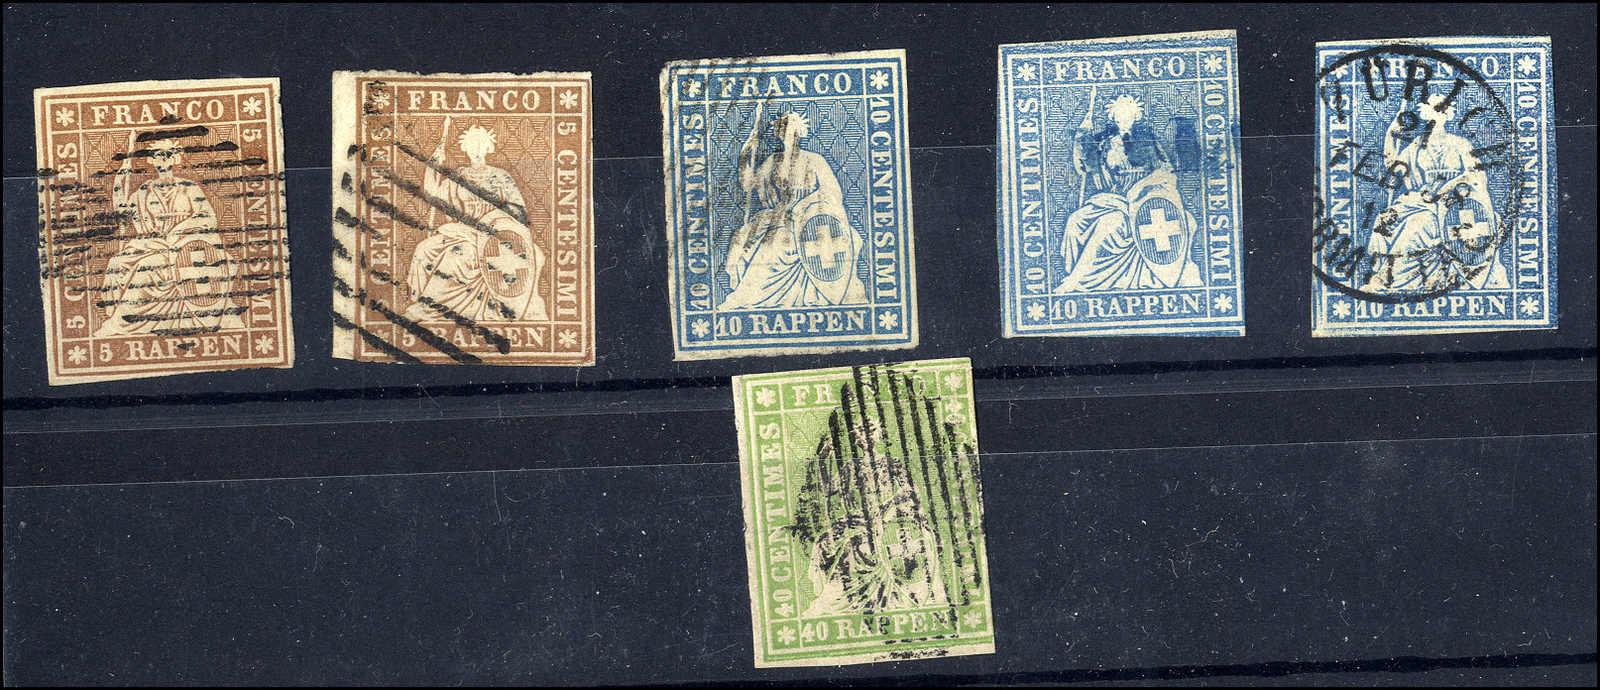 Lot 48 - sammlungen und posten sammlungen und posten altschweiz -  Rolli Auctions Auction #68 Day 1